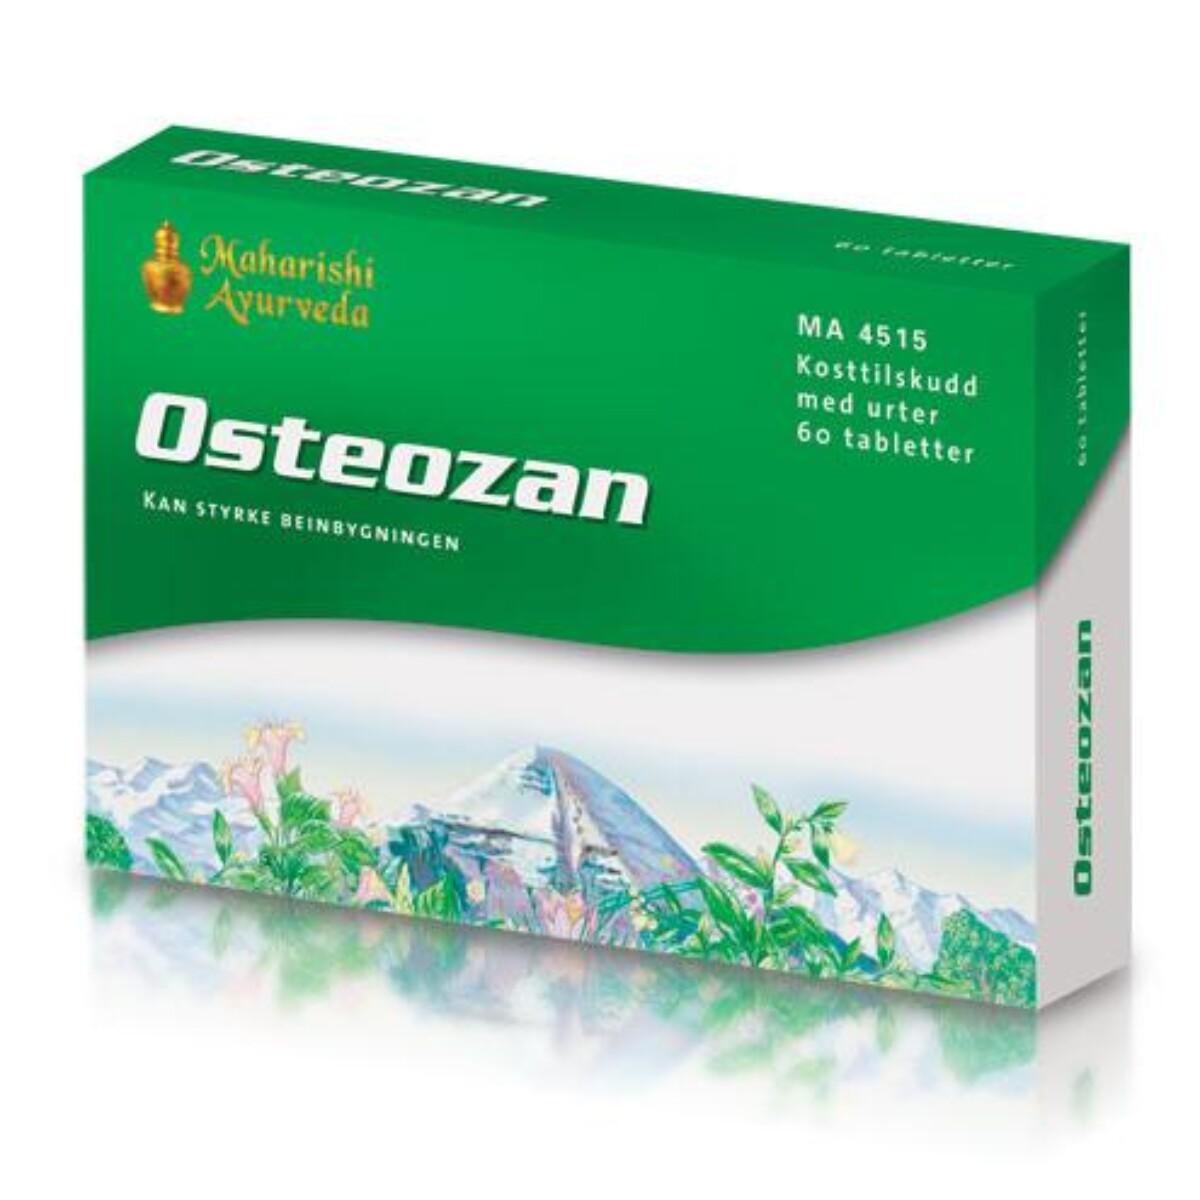 Osteozan